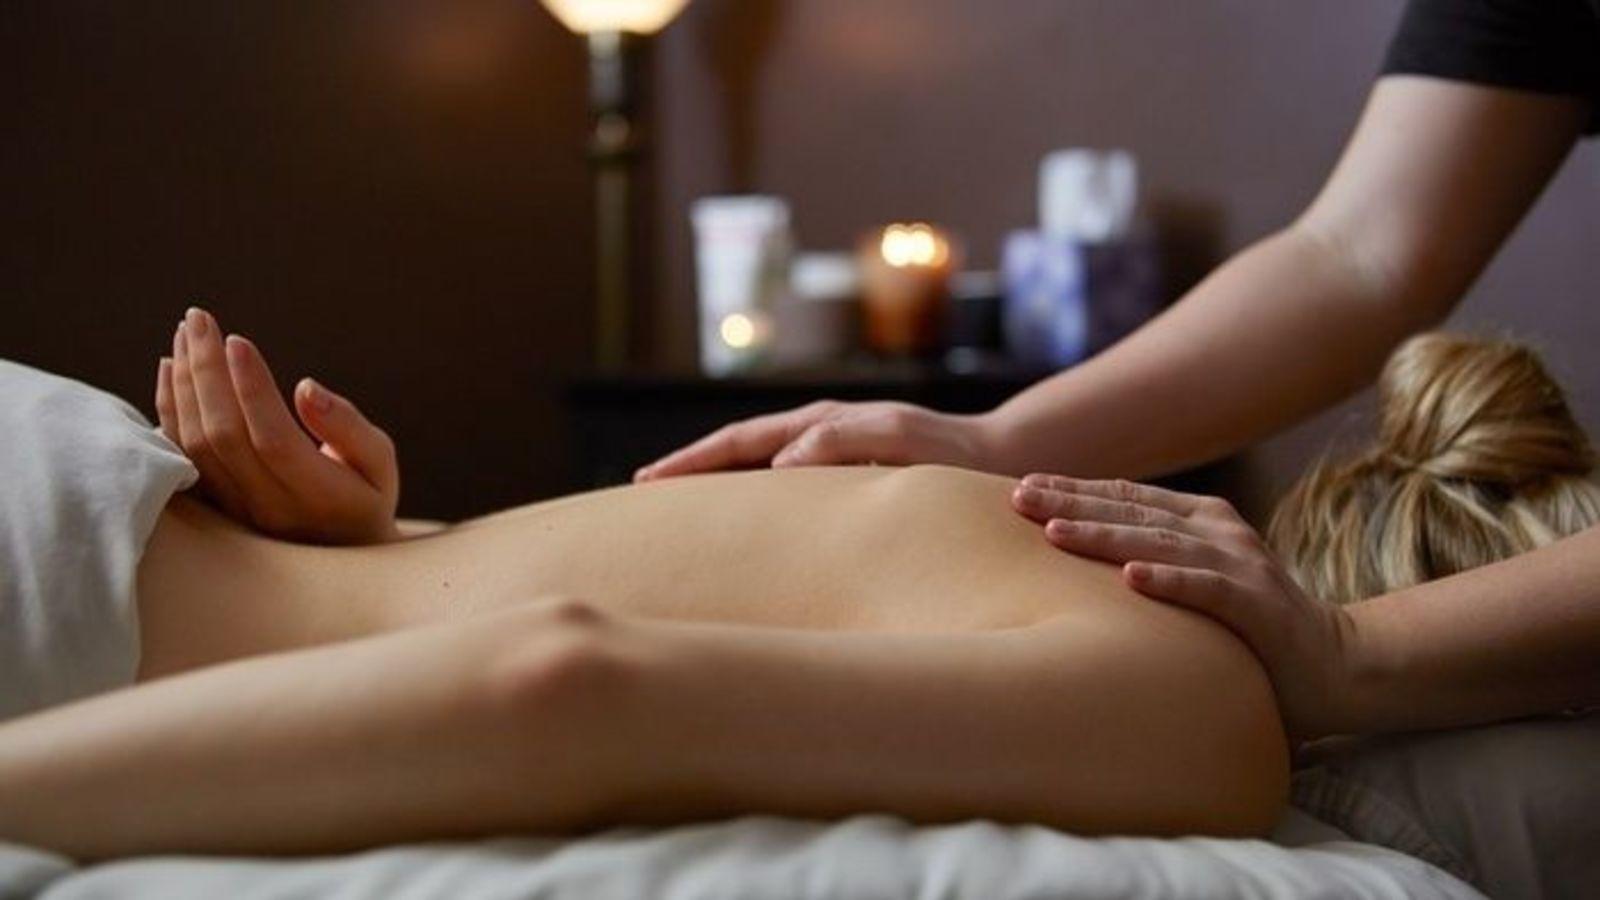 русский массаж интимных зон секс видео